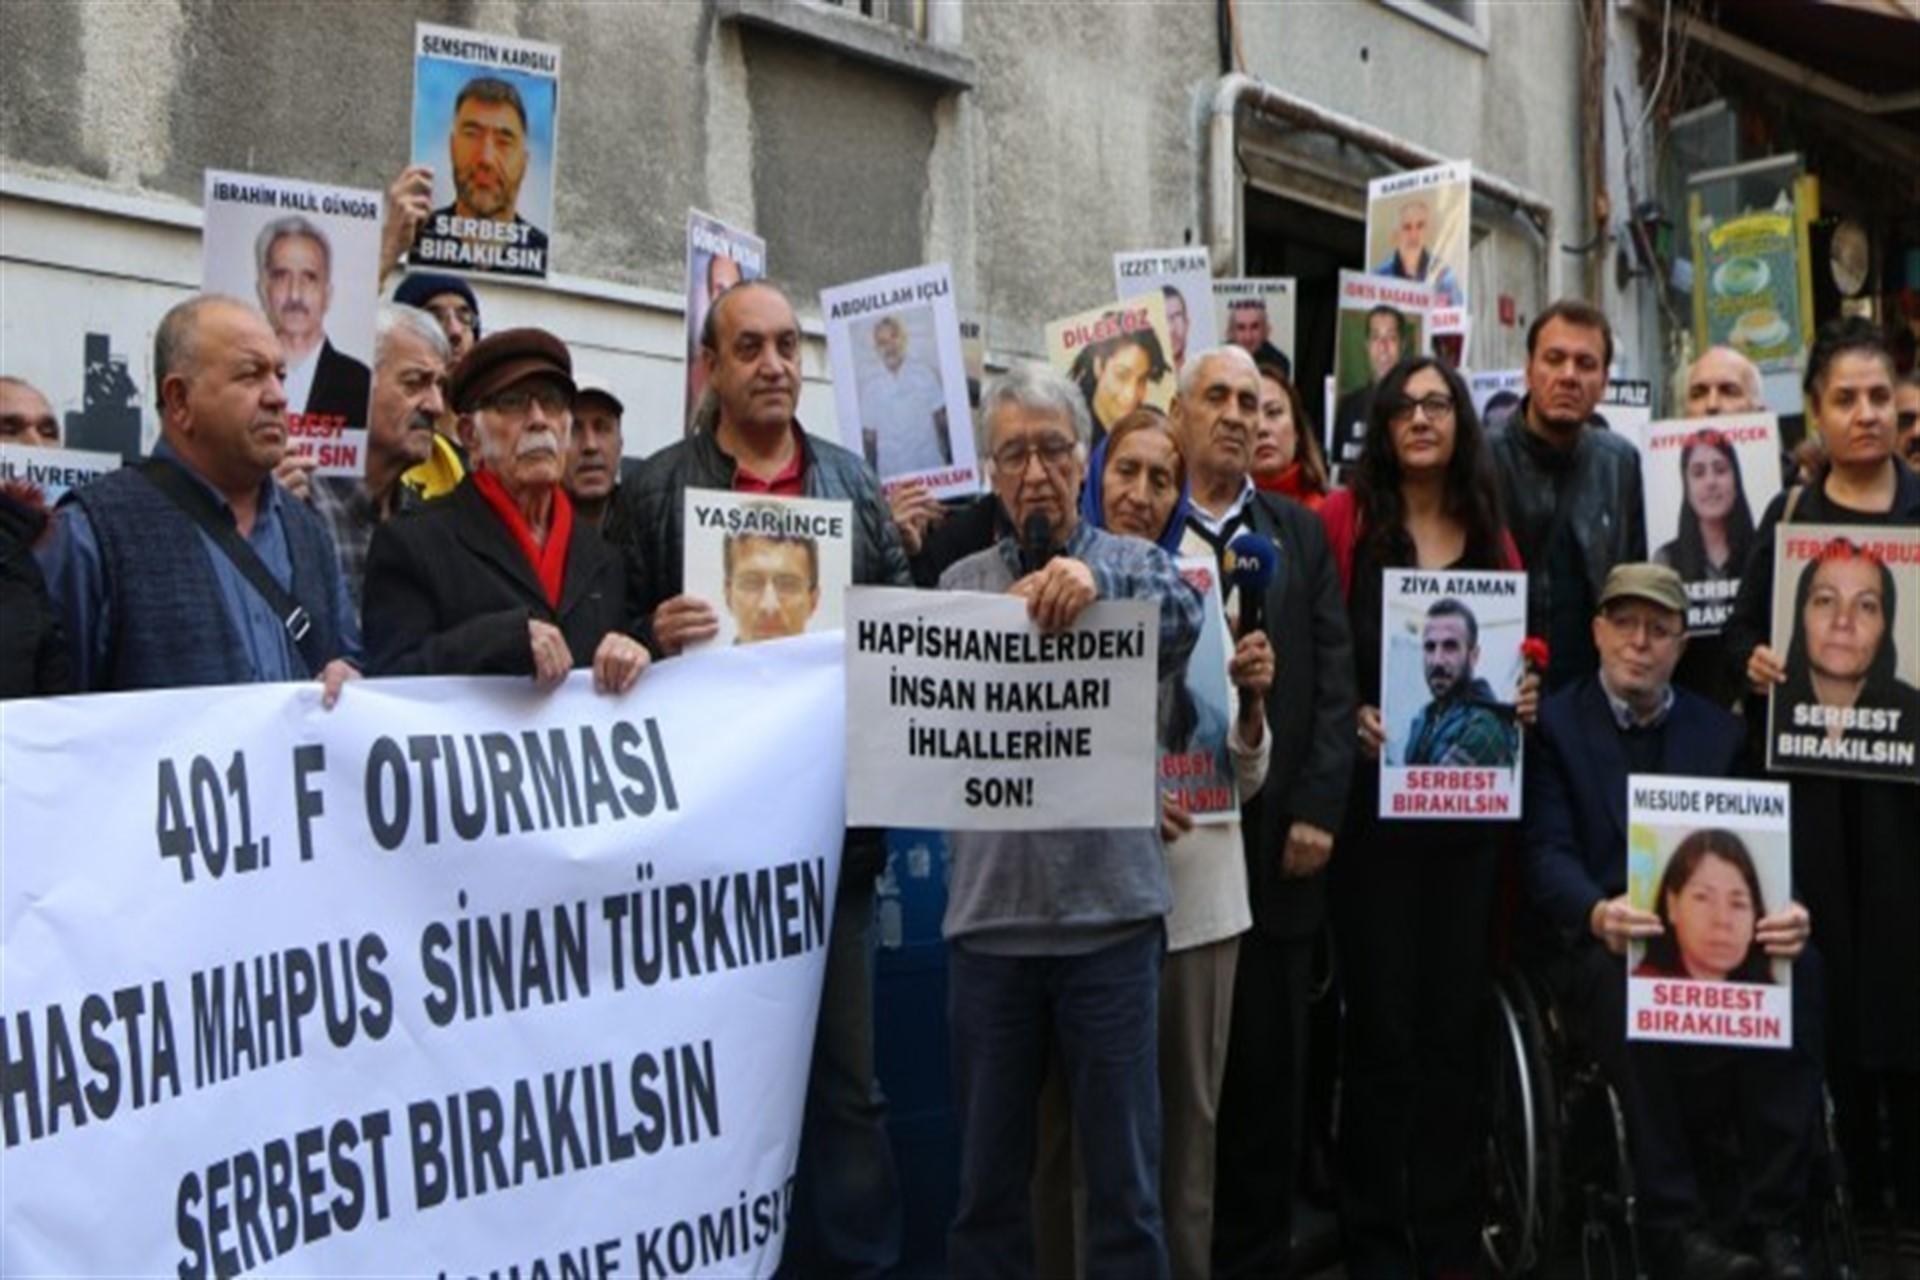 İHD İstanbul Şubesi önünde basın açıklaması yapılıyor